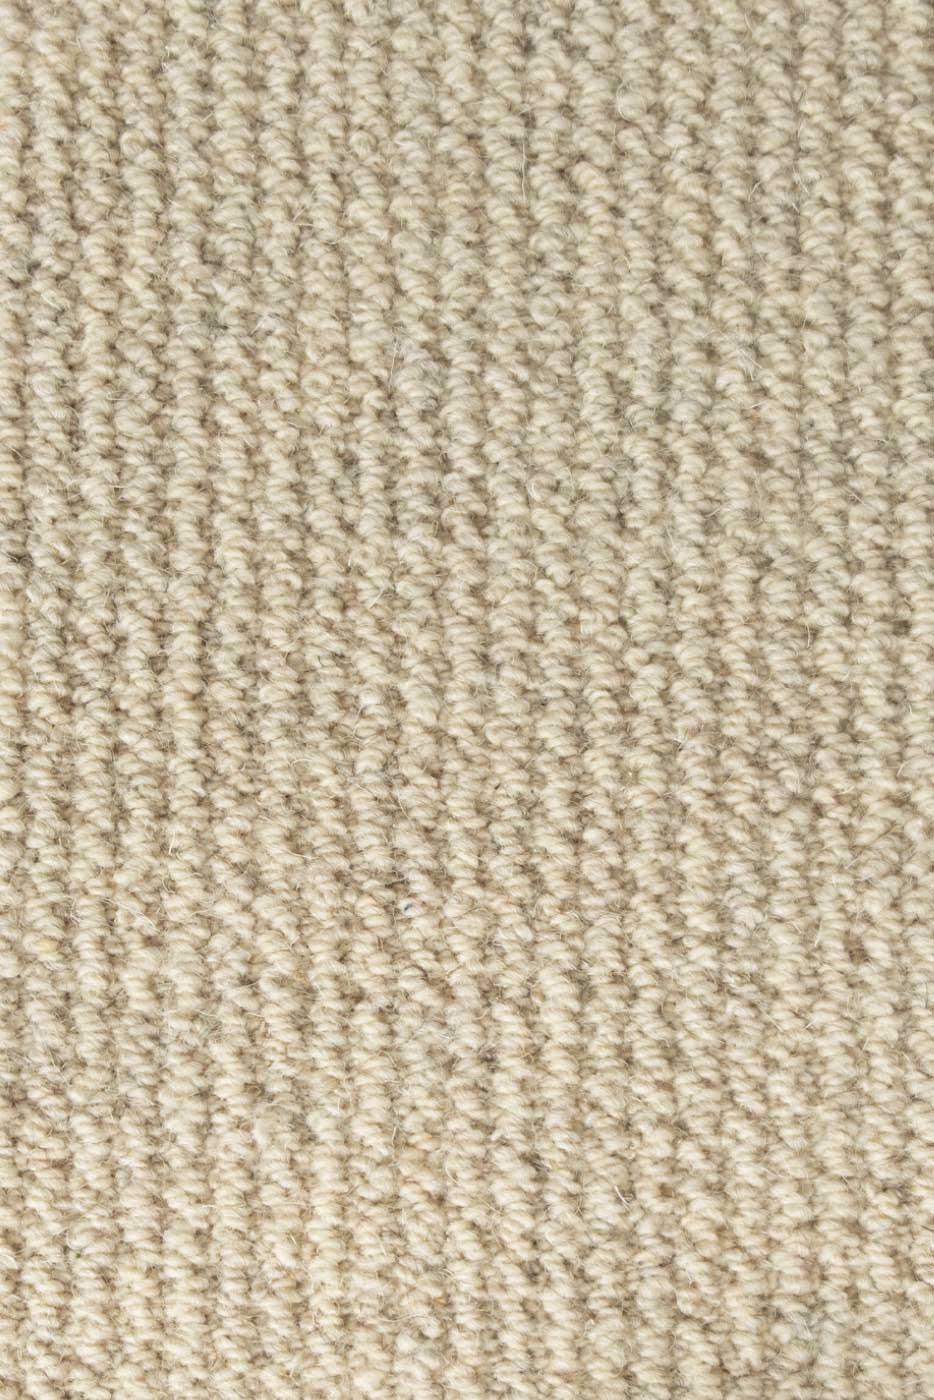 Carpet - Moquette Vienne by Pinton